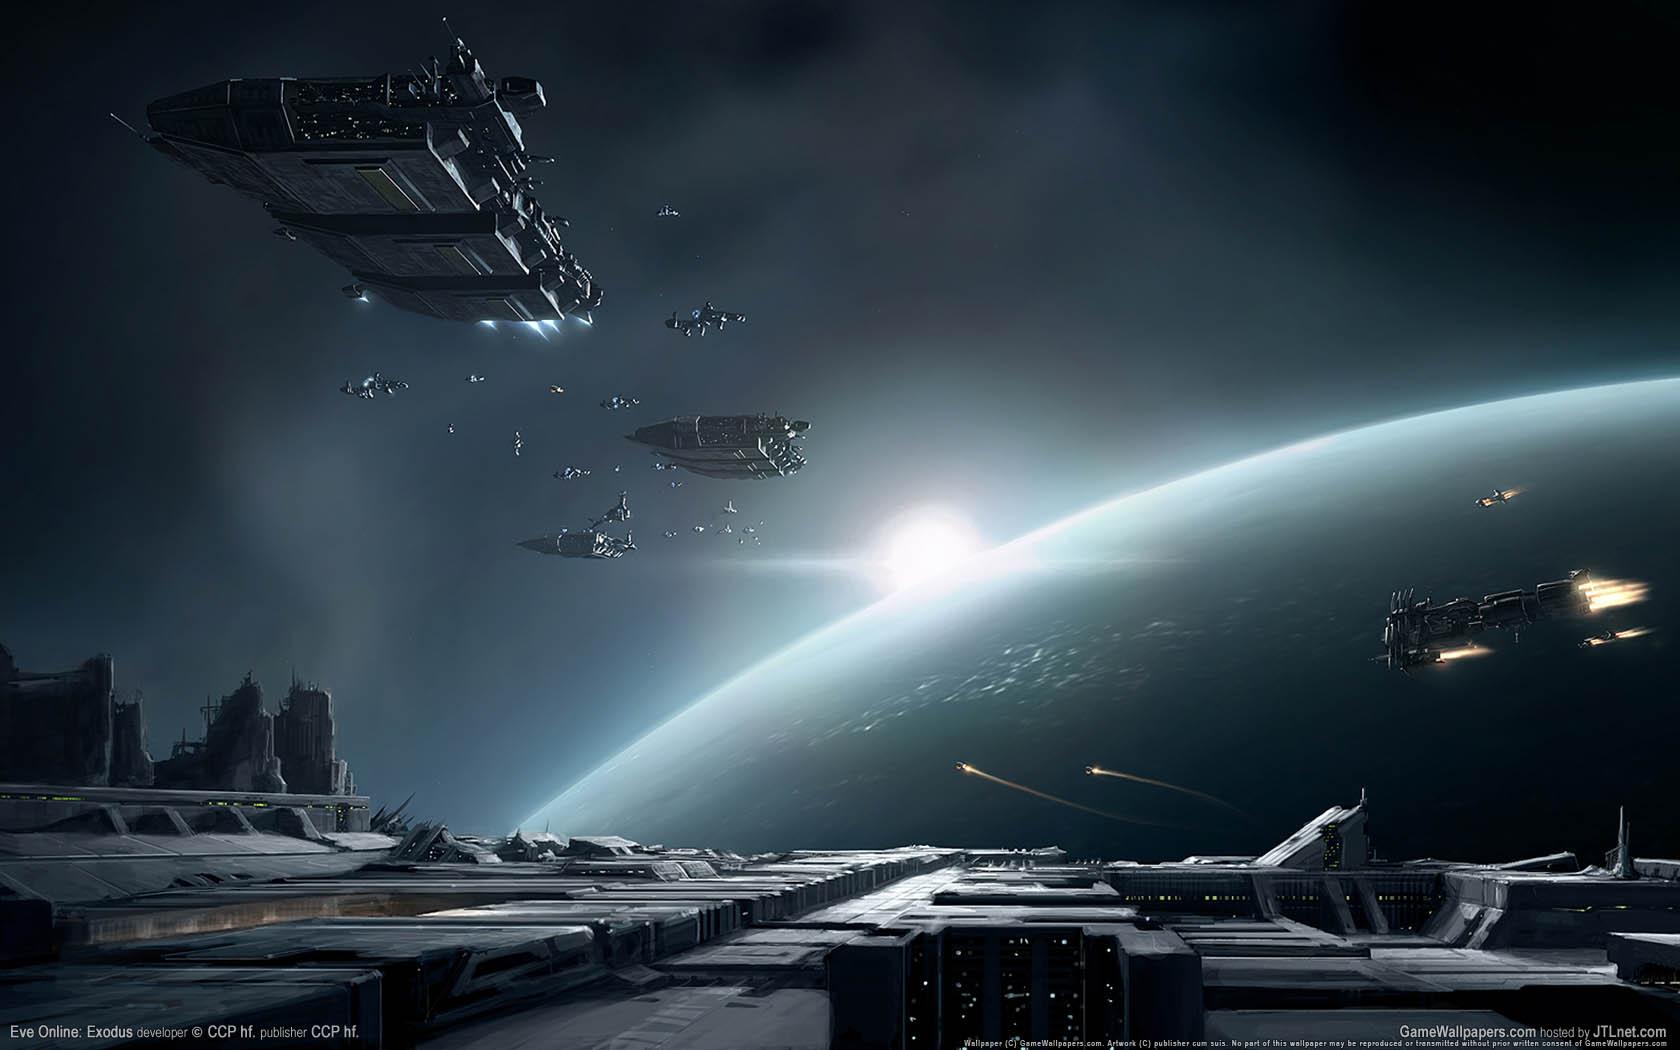 Eve Online: Exodus fondo de escritorio 02 1680x1050